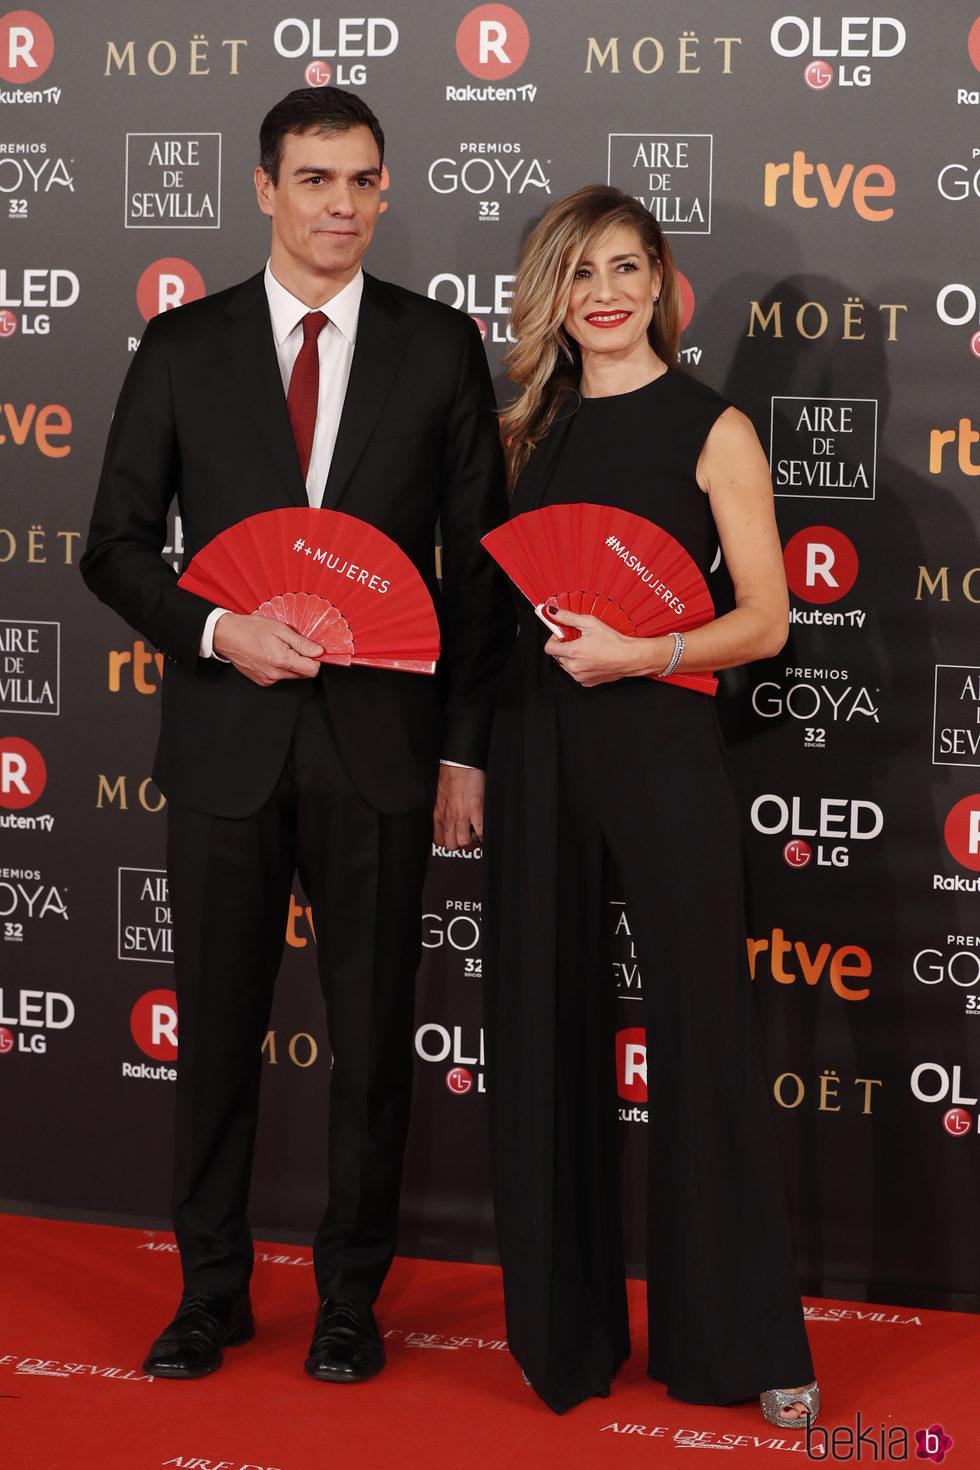 Pedro Sánchez y Begoña Gómez en la alfombra roja de los Premios Goya 2018